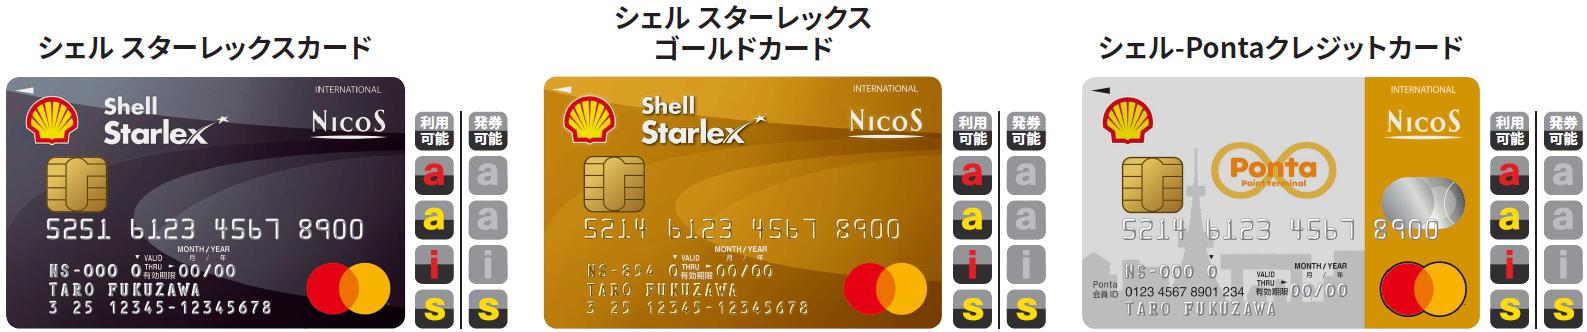 シェル スター レックス カード